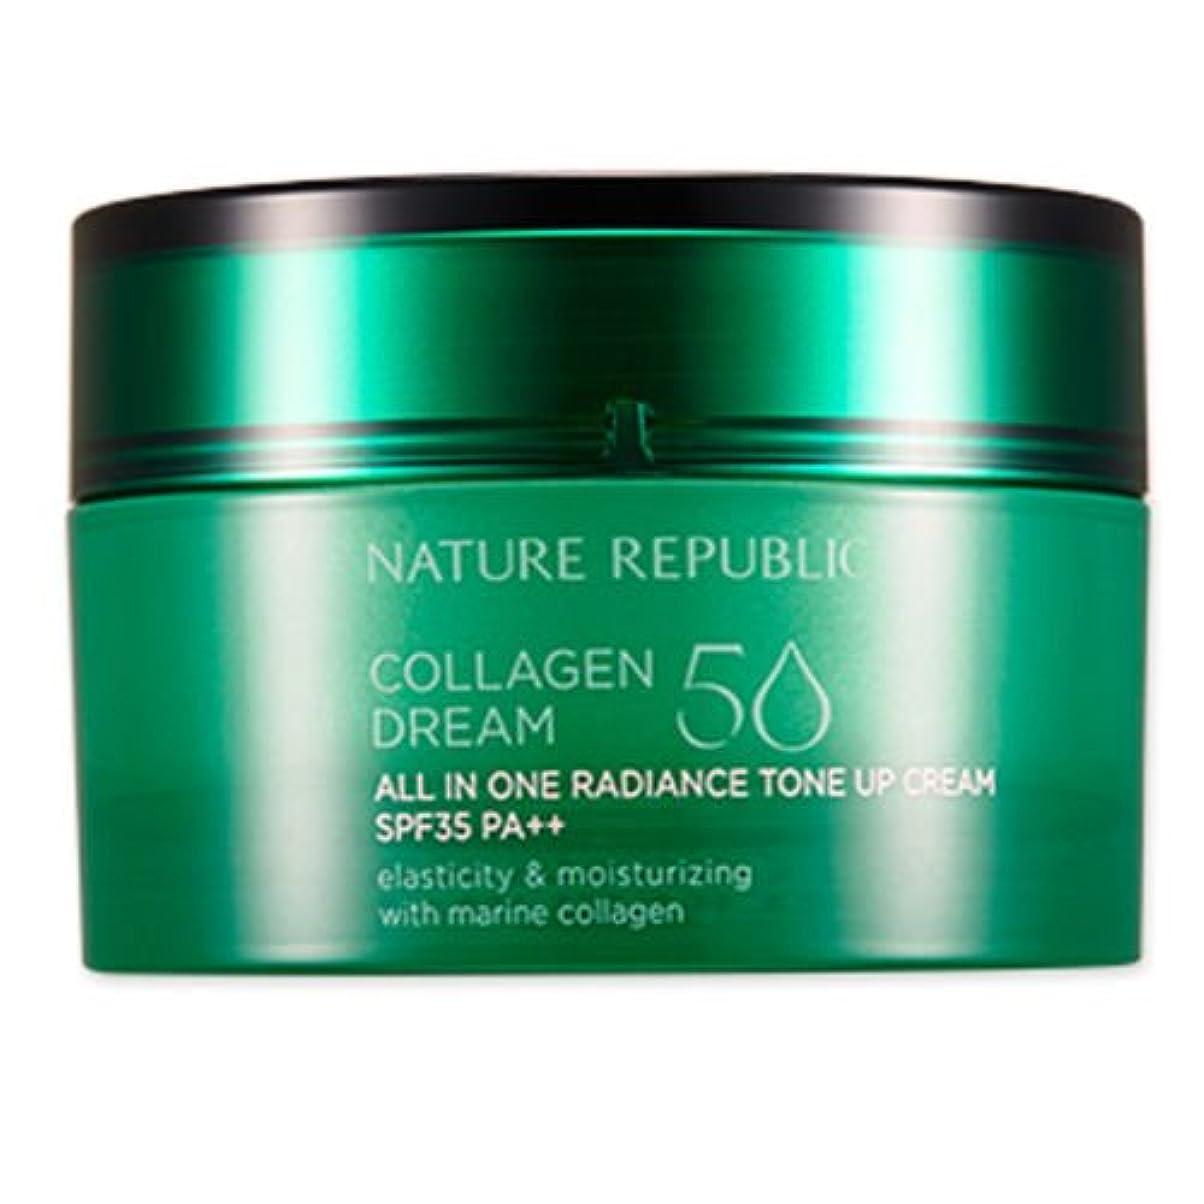 歩くショルダー不完全NATURE REPUBLIC Collagen Dream 50 All-In-One Radiance Tone Up Cream(SPF35PA++) ネイチャーリパブリック [韓国コスメ ] コラーゲンドリーム50オールインワンラディアンストンアップクリーム(SPF35PA++) [並行輸入品]